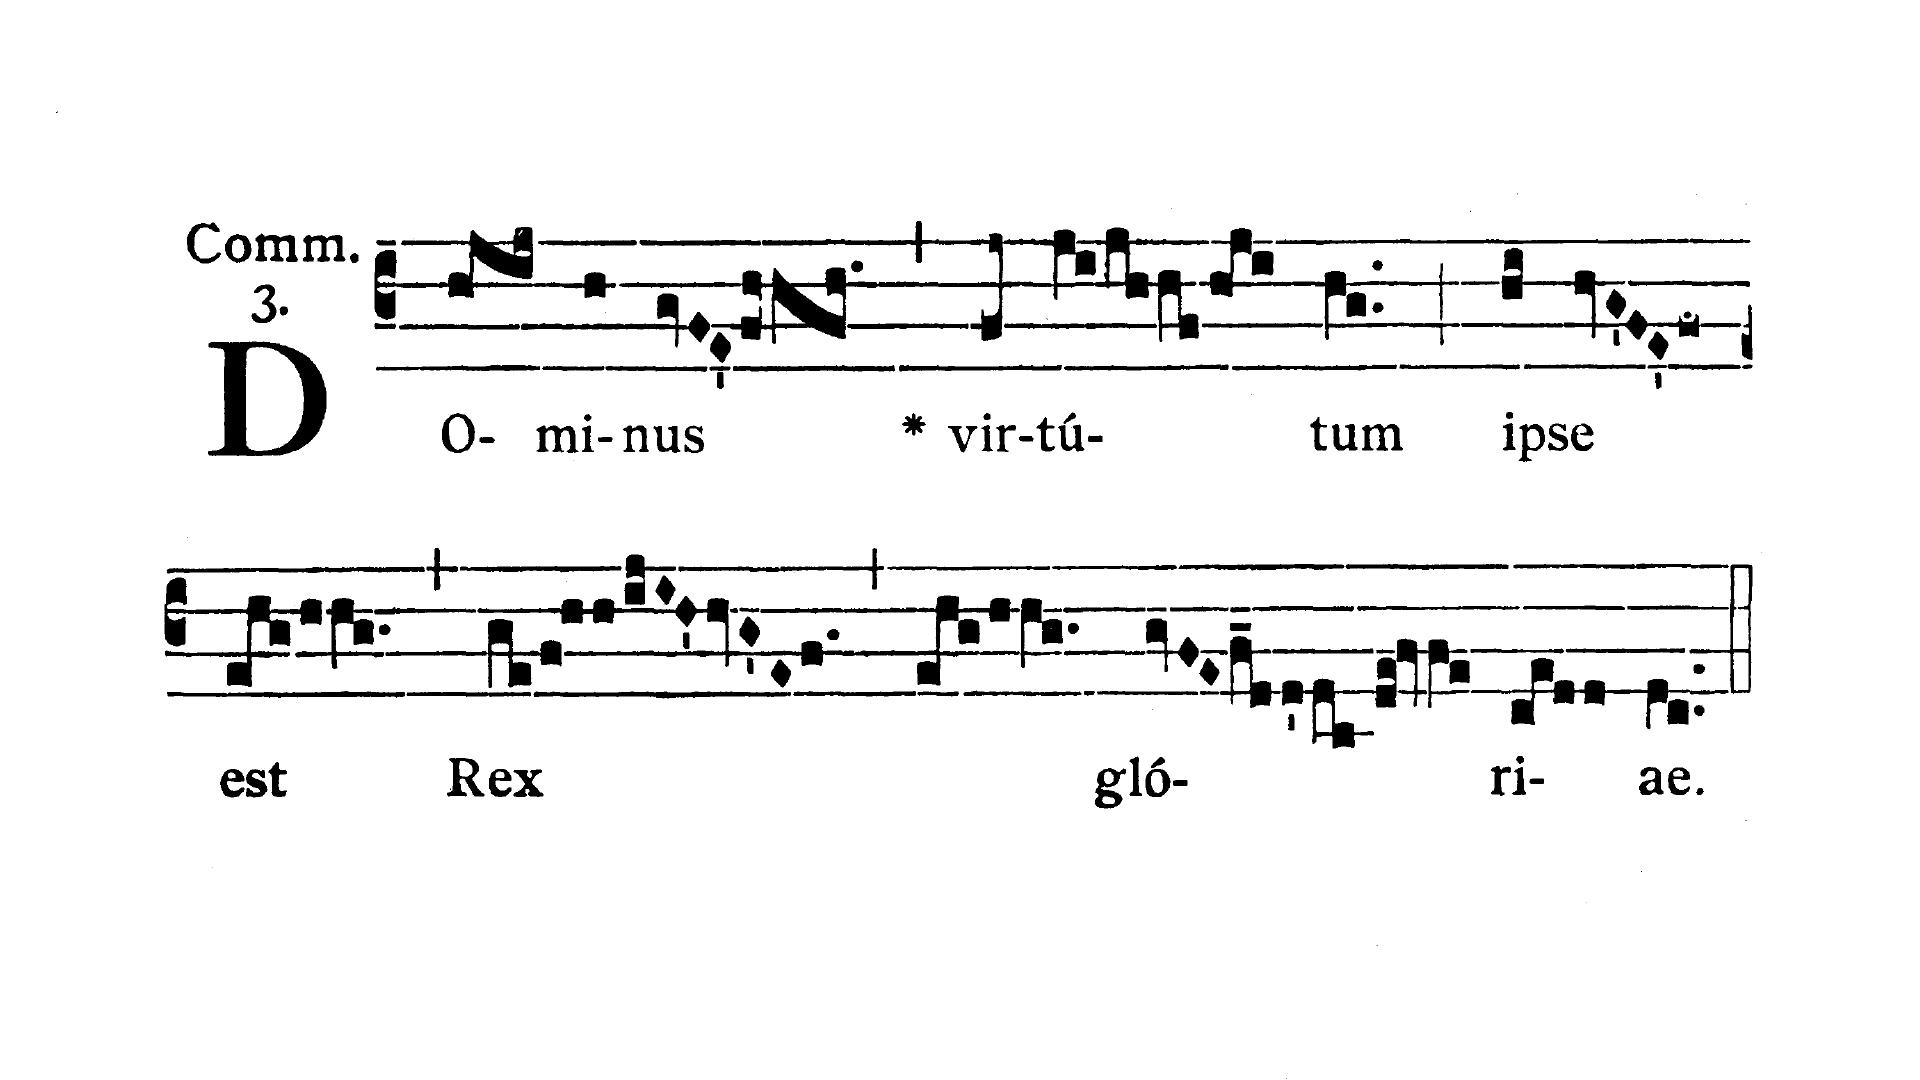 Feria II post Dominicam I Passionis (Monday after Passion Sunday) - Communio (Dominus virtutum)